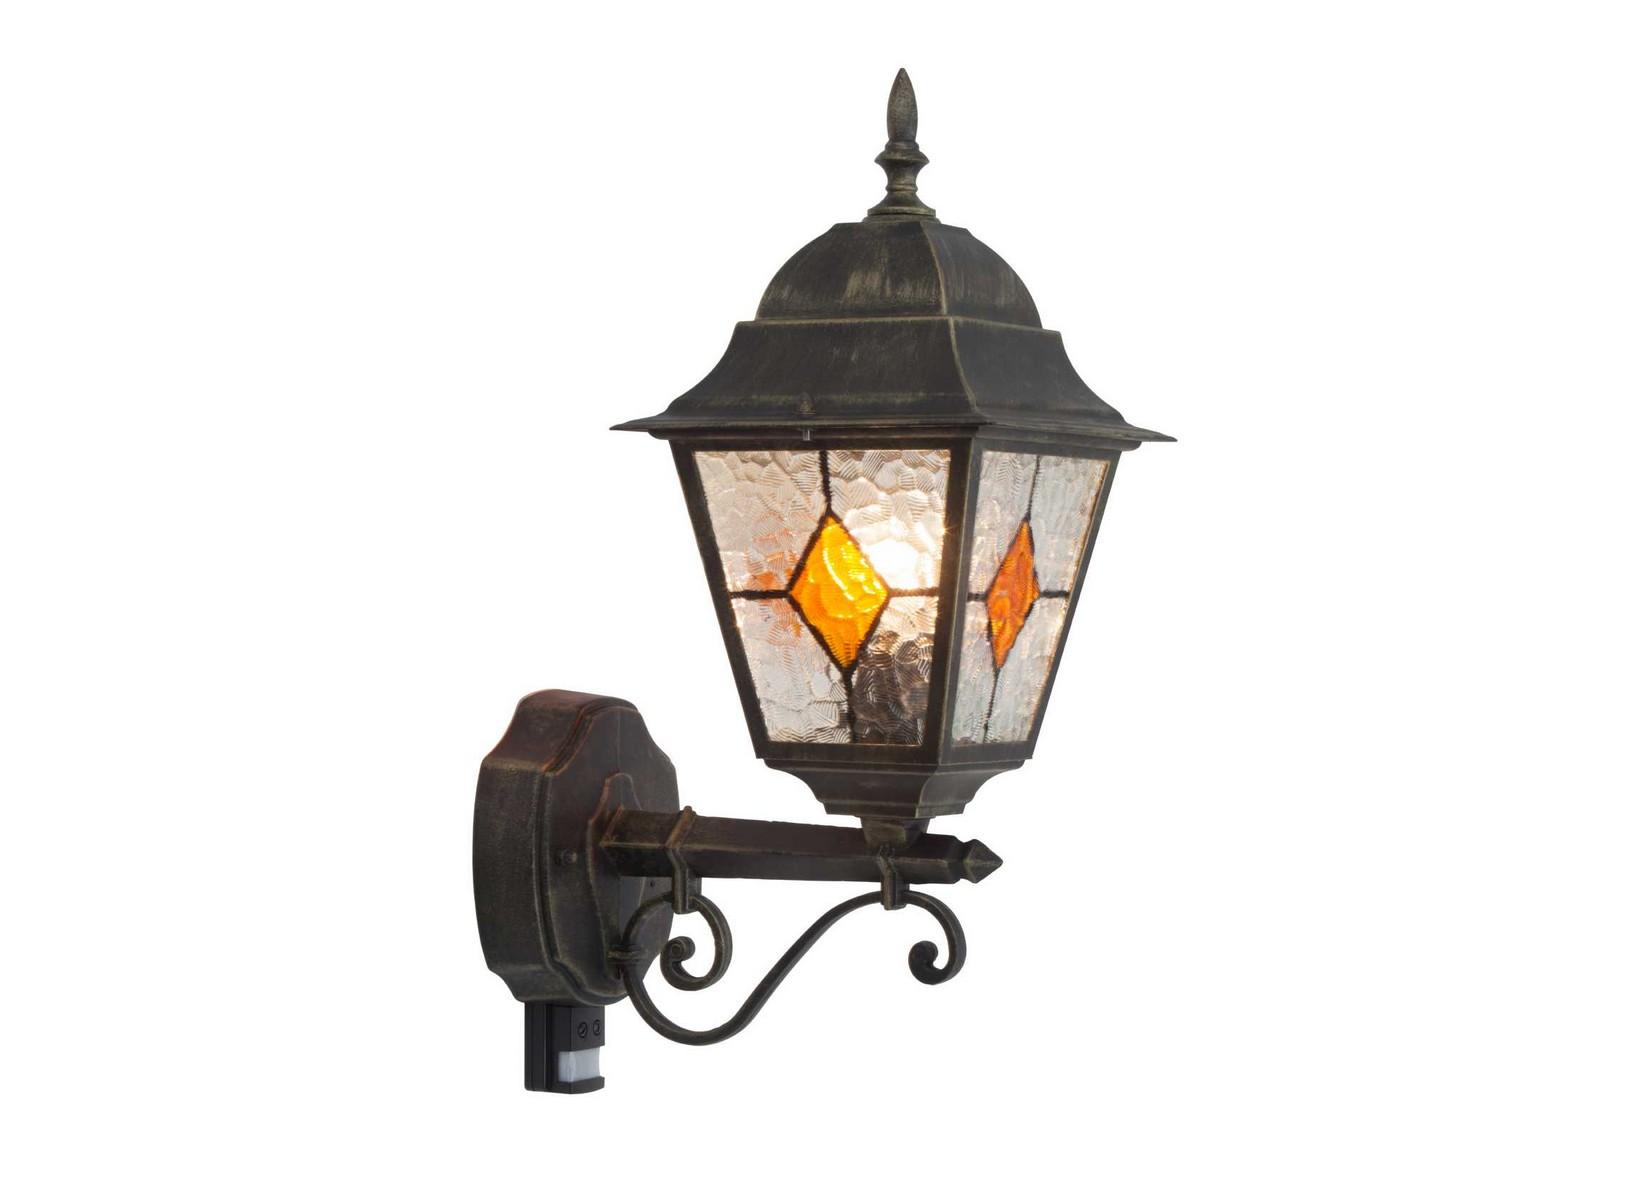 Светильник  ArtuУличные настенные светильники<br>Вид цоколя: E27&amp;amp;nbsp;&amp;lt;div&amp;gt;Количество ламп: 1&amp;amp;nbsp;&amp;lt;/div&amp;gt;&amp;lt;div&amp;gt;Наличие ламп: отсутствуют&amp;amp;nbsp;&amp;lt;/div&amp;gt;&amp;lt;div&amp;gt;Мощность лампы: 60W&amp;lt;/div&amp;gt;<br><br>Material: Стекло<br>Ширина см: 18<br>Высота см: 44<br>Глубина см: 25